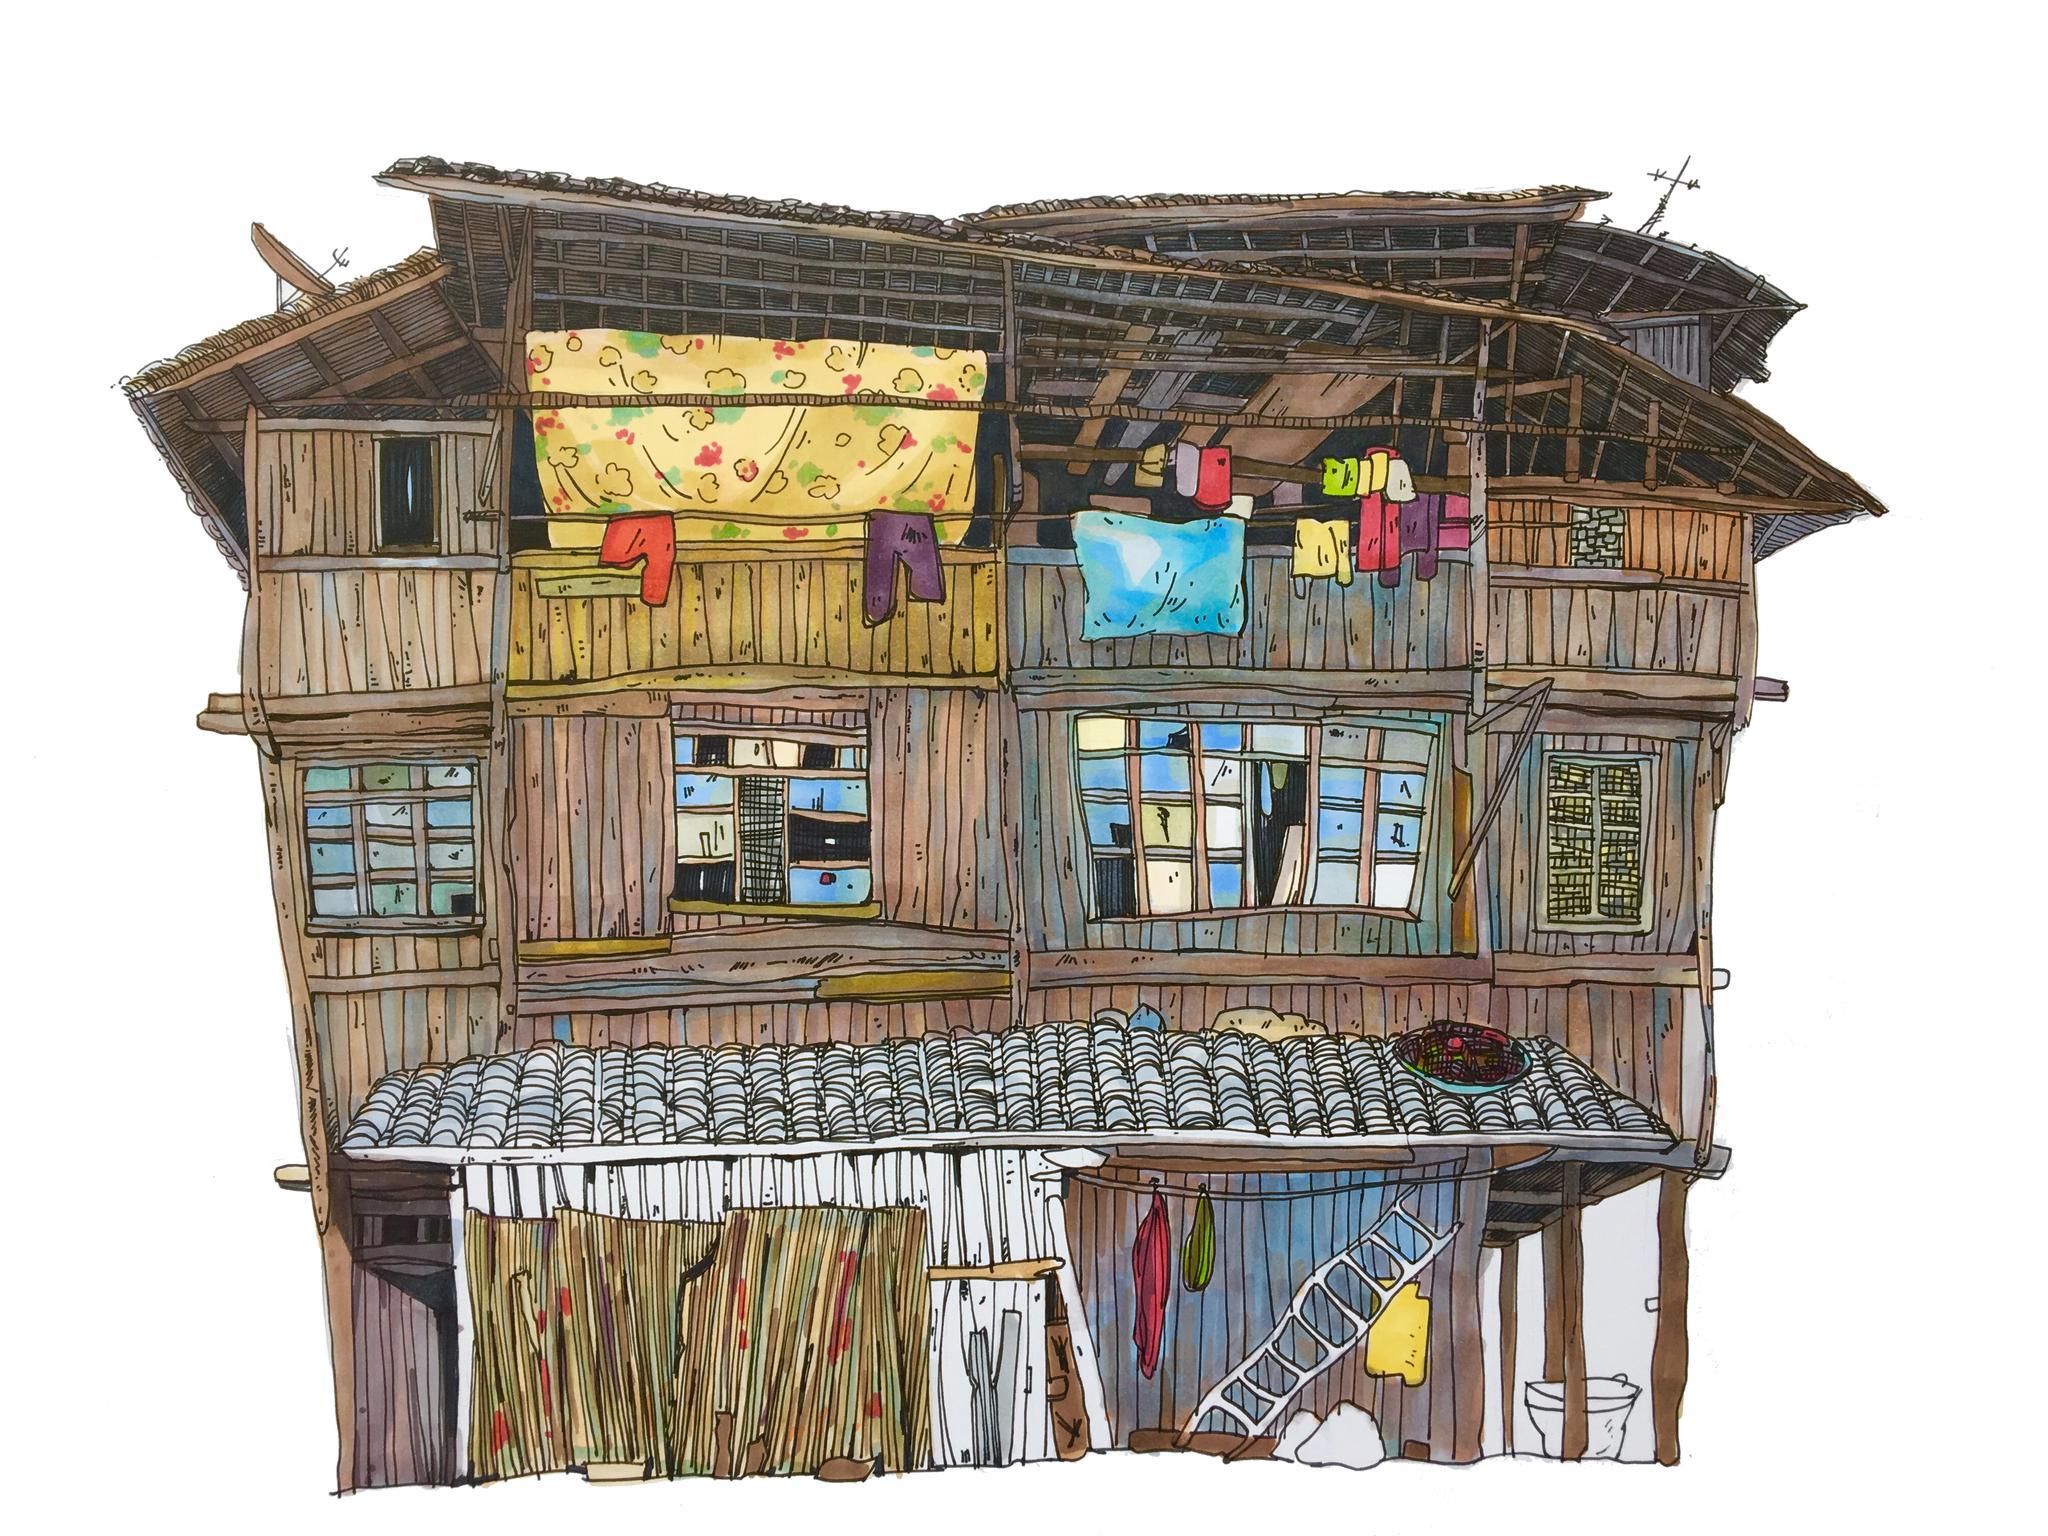 建筑手绘 材料:马克笔 170g马克笔纸 作者@来池